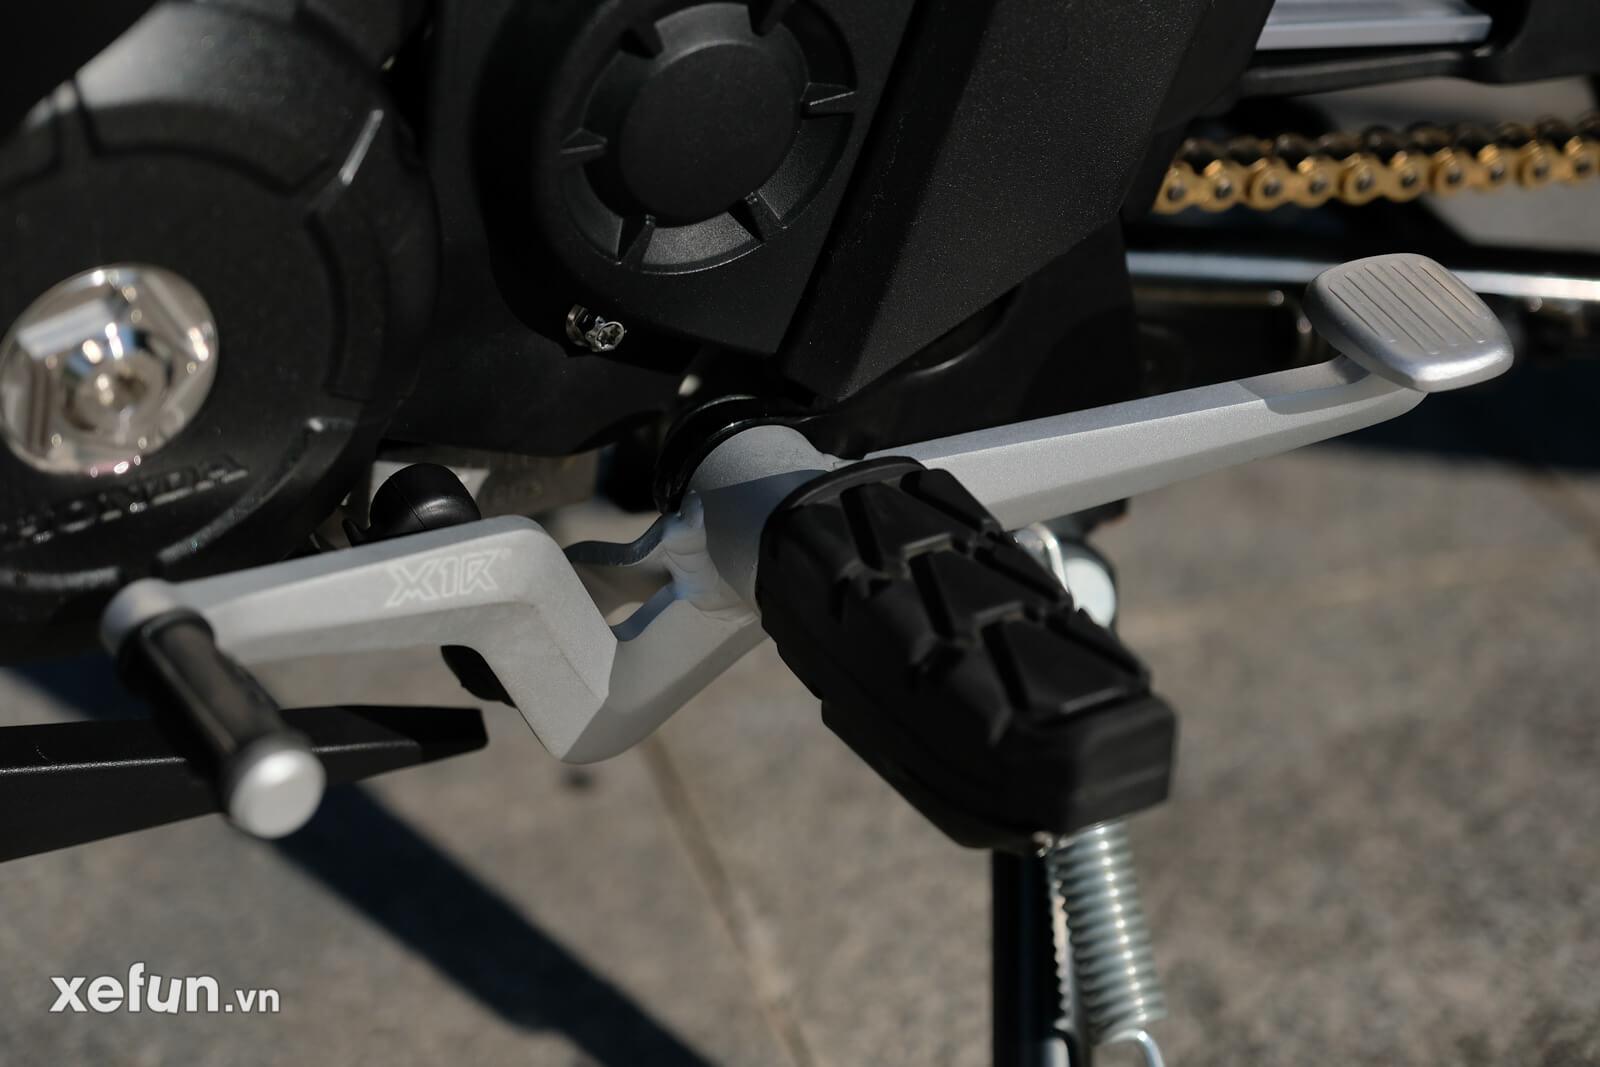 Honda sonic 150r độ trái 65 + 4 giá hơn 80 triệu đồng Xefun - 46